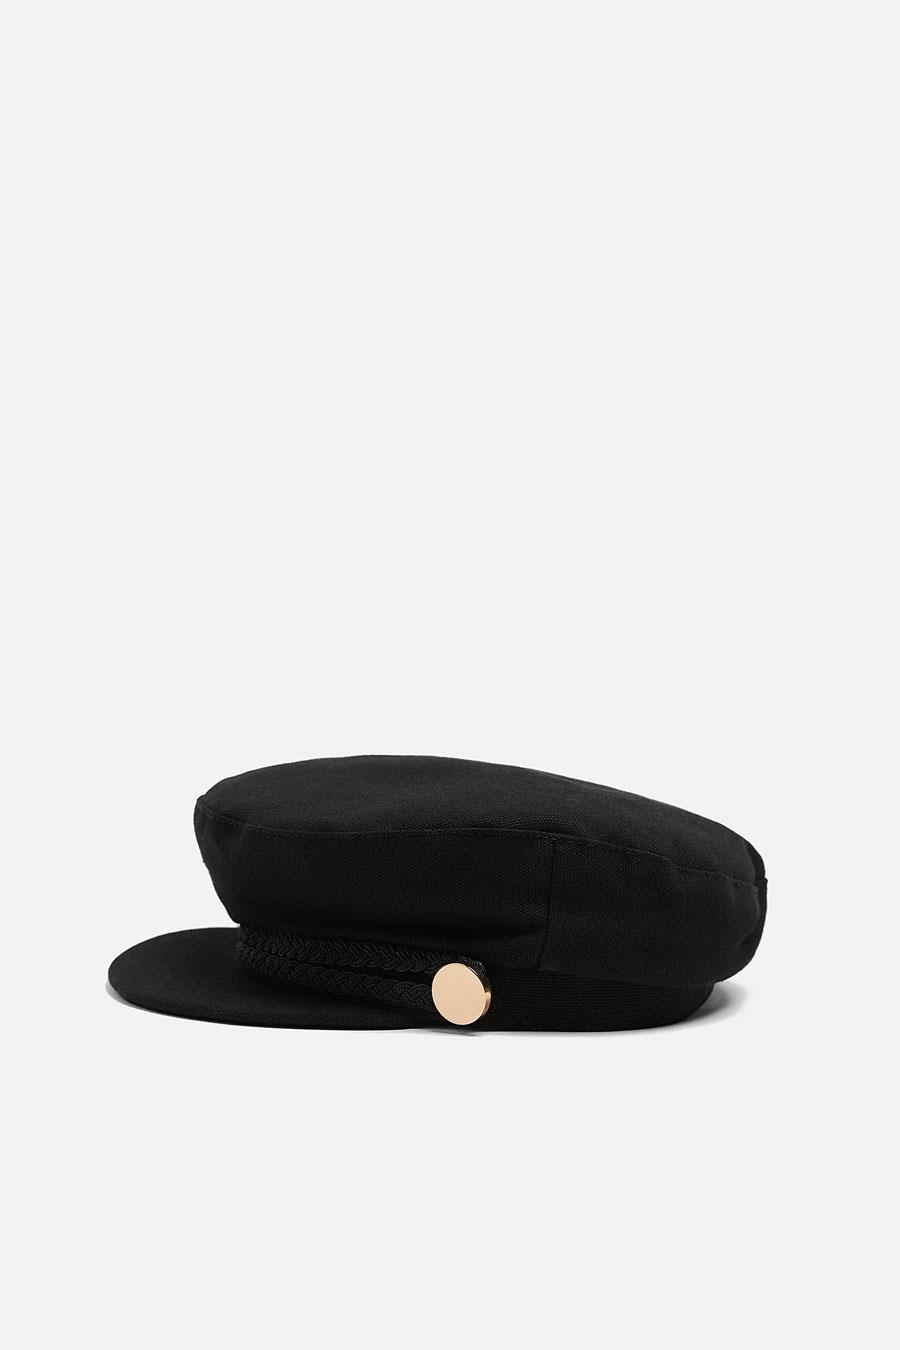 Gorra marinera de Zara 490571fcac2